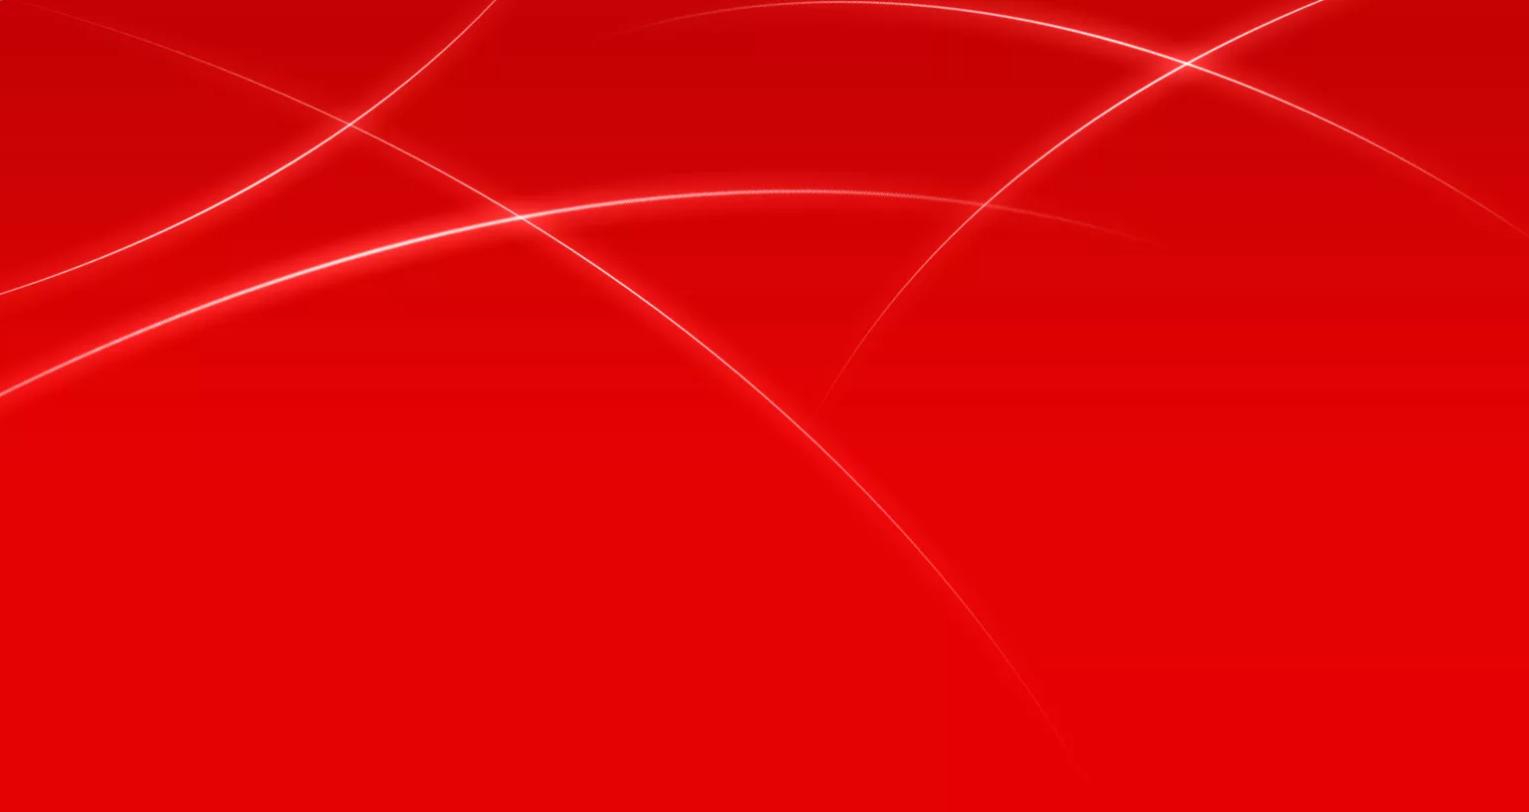 картинка красивая нейтральная красная охоте